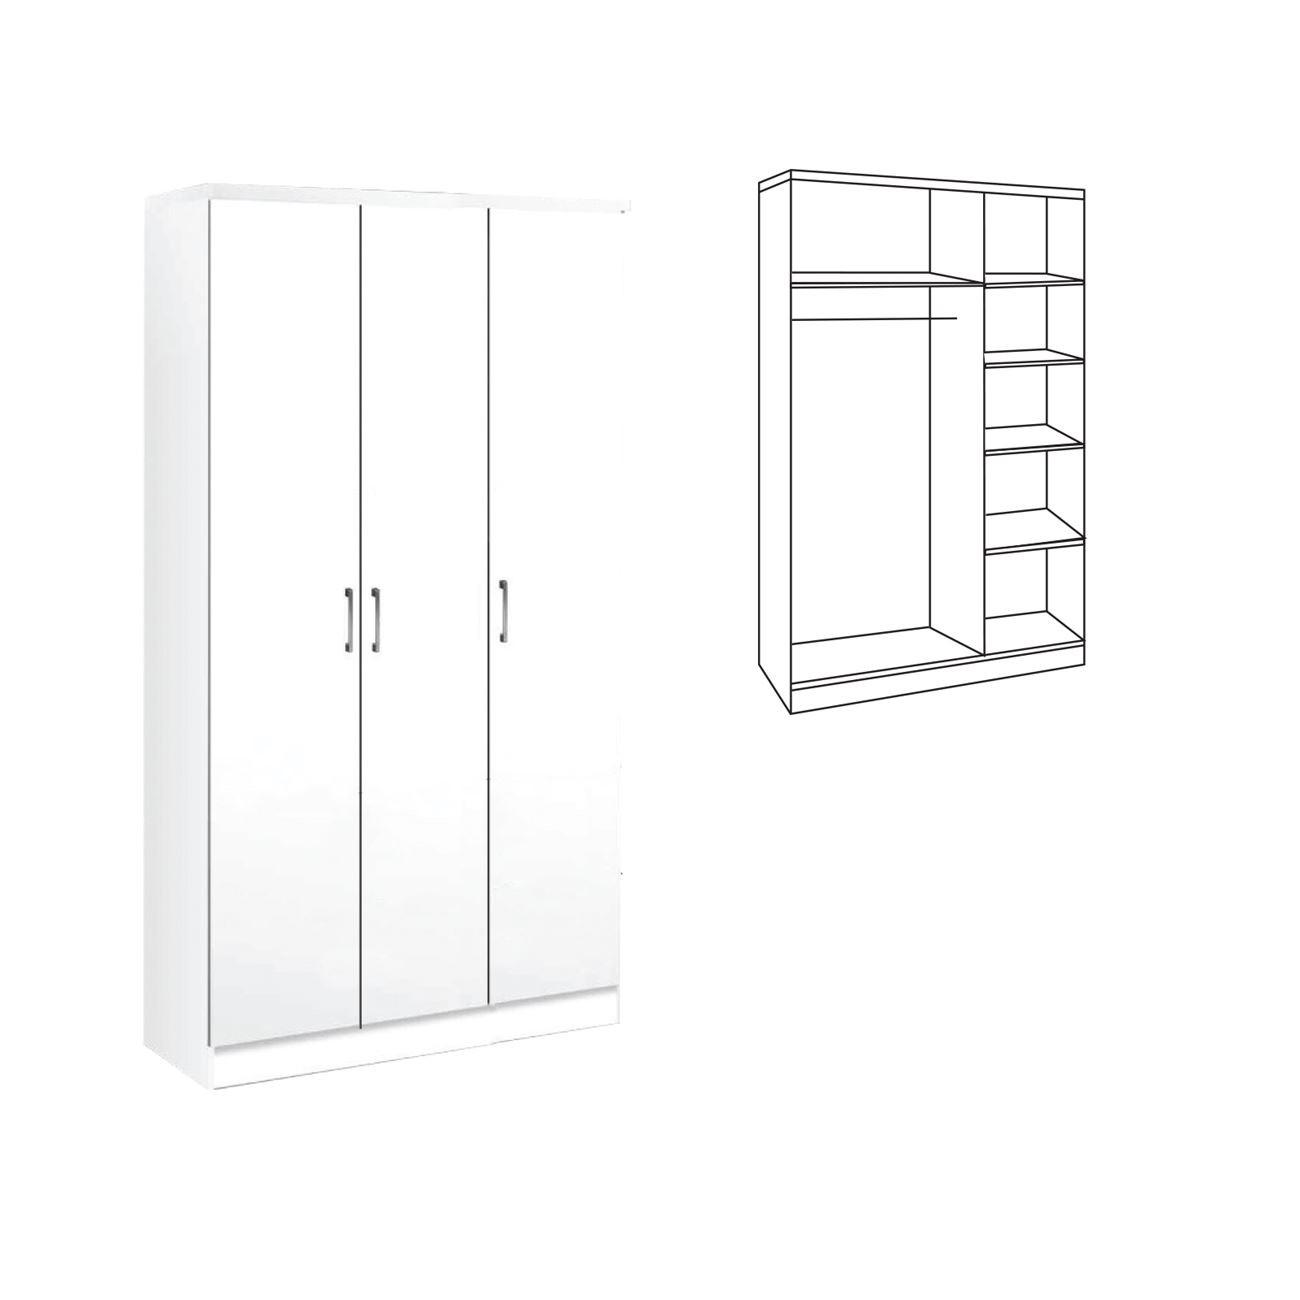 Τρίφυλλη ντουλάπα ρούχων 90cm με σωλήνα για κρεμάστρες και ράφια Decon Λευκό E824